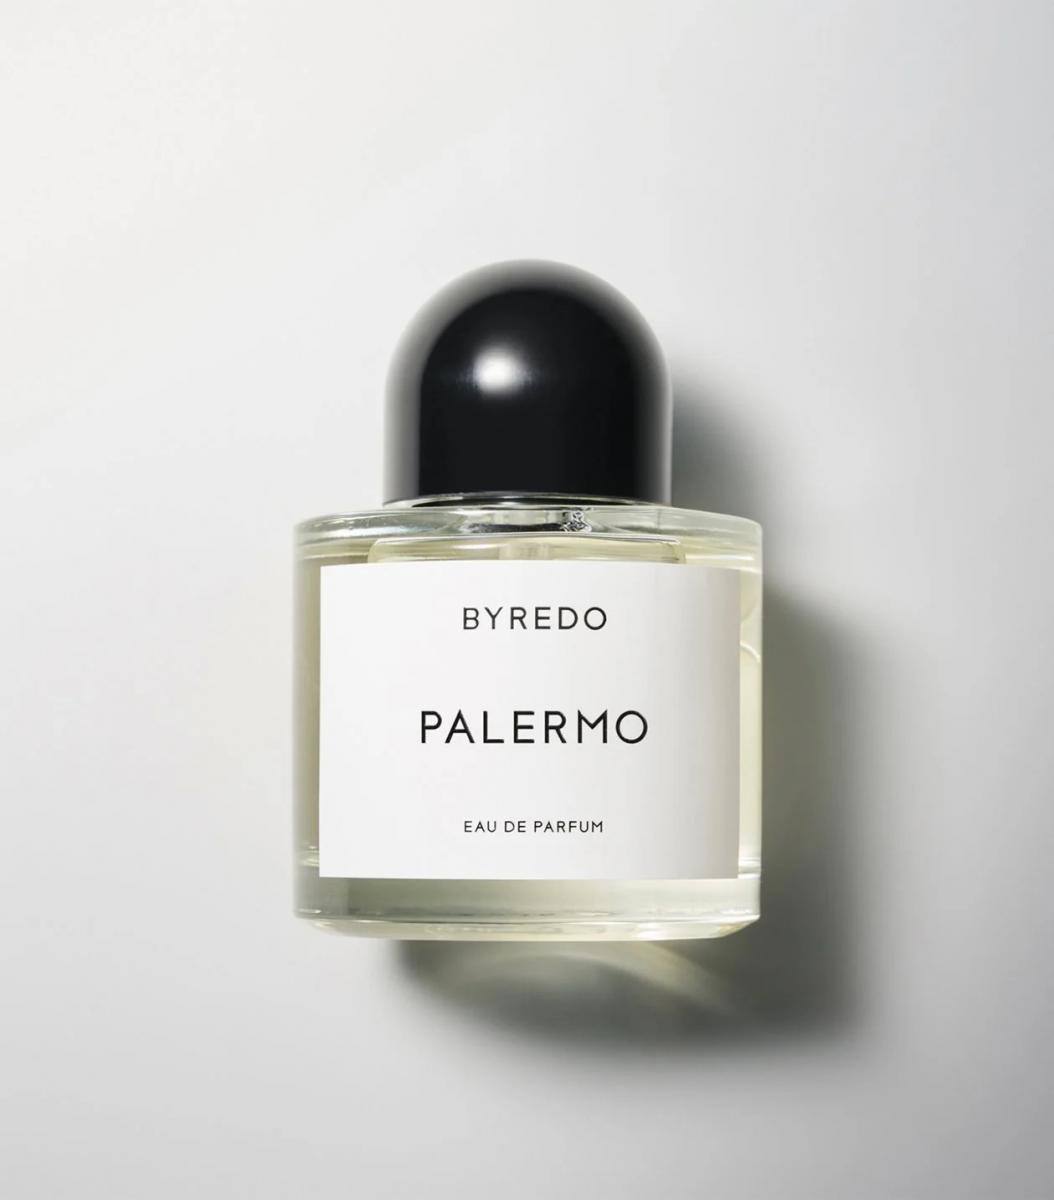 完美體現義大利那簡樸的文化風氣,而它更是創辦人 Ben Gorham 唯一穿在身上的香氣。